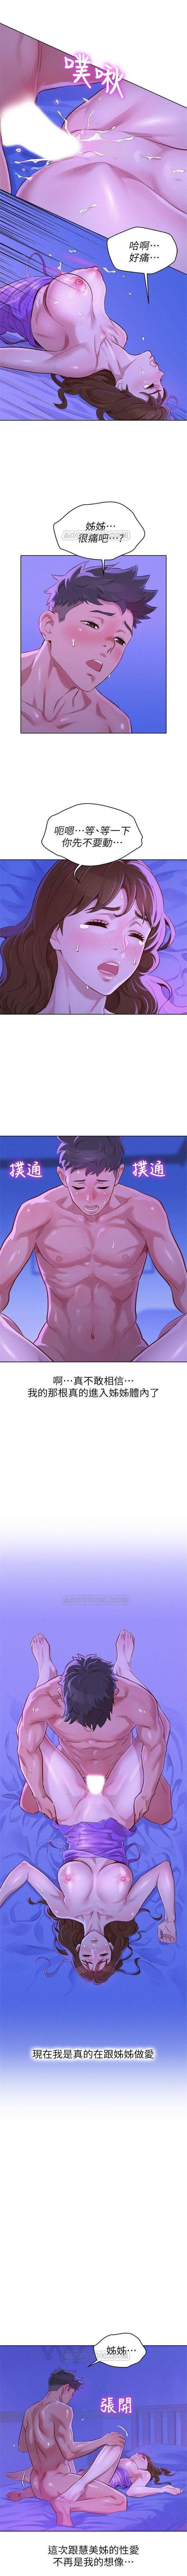 (周7)漂亮干姐姐  1-81 中文翻译 (更新中) 428